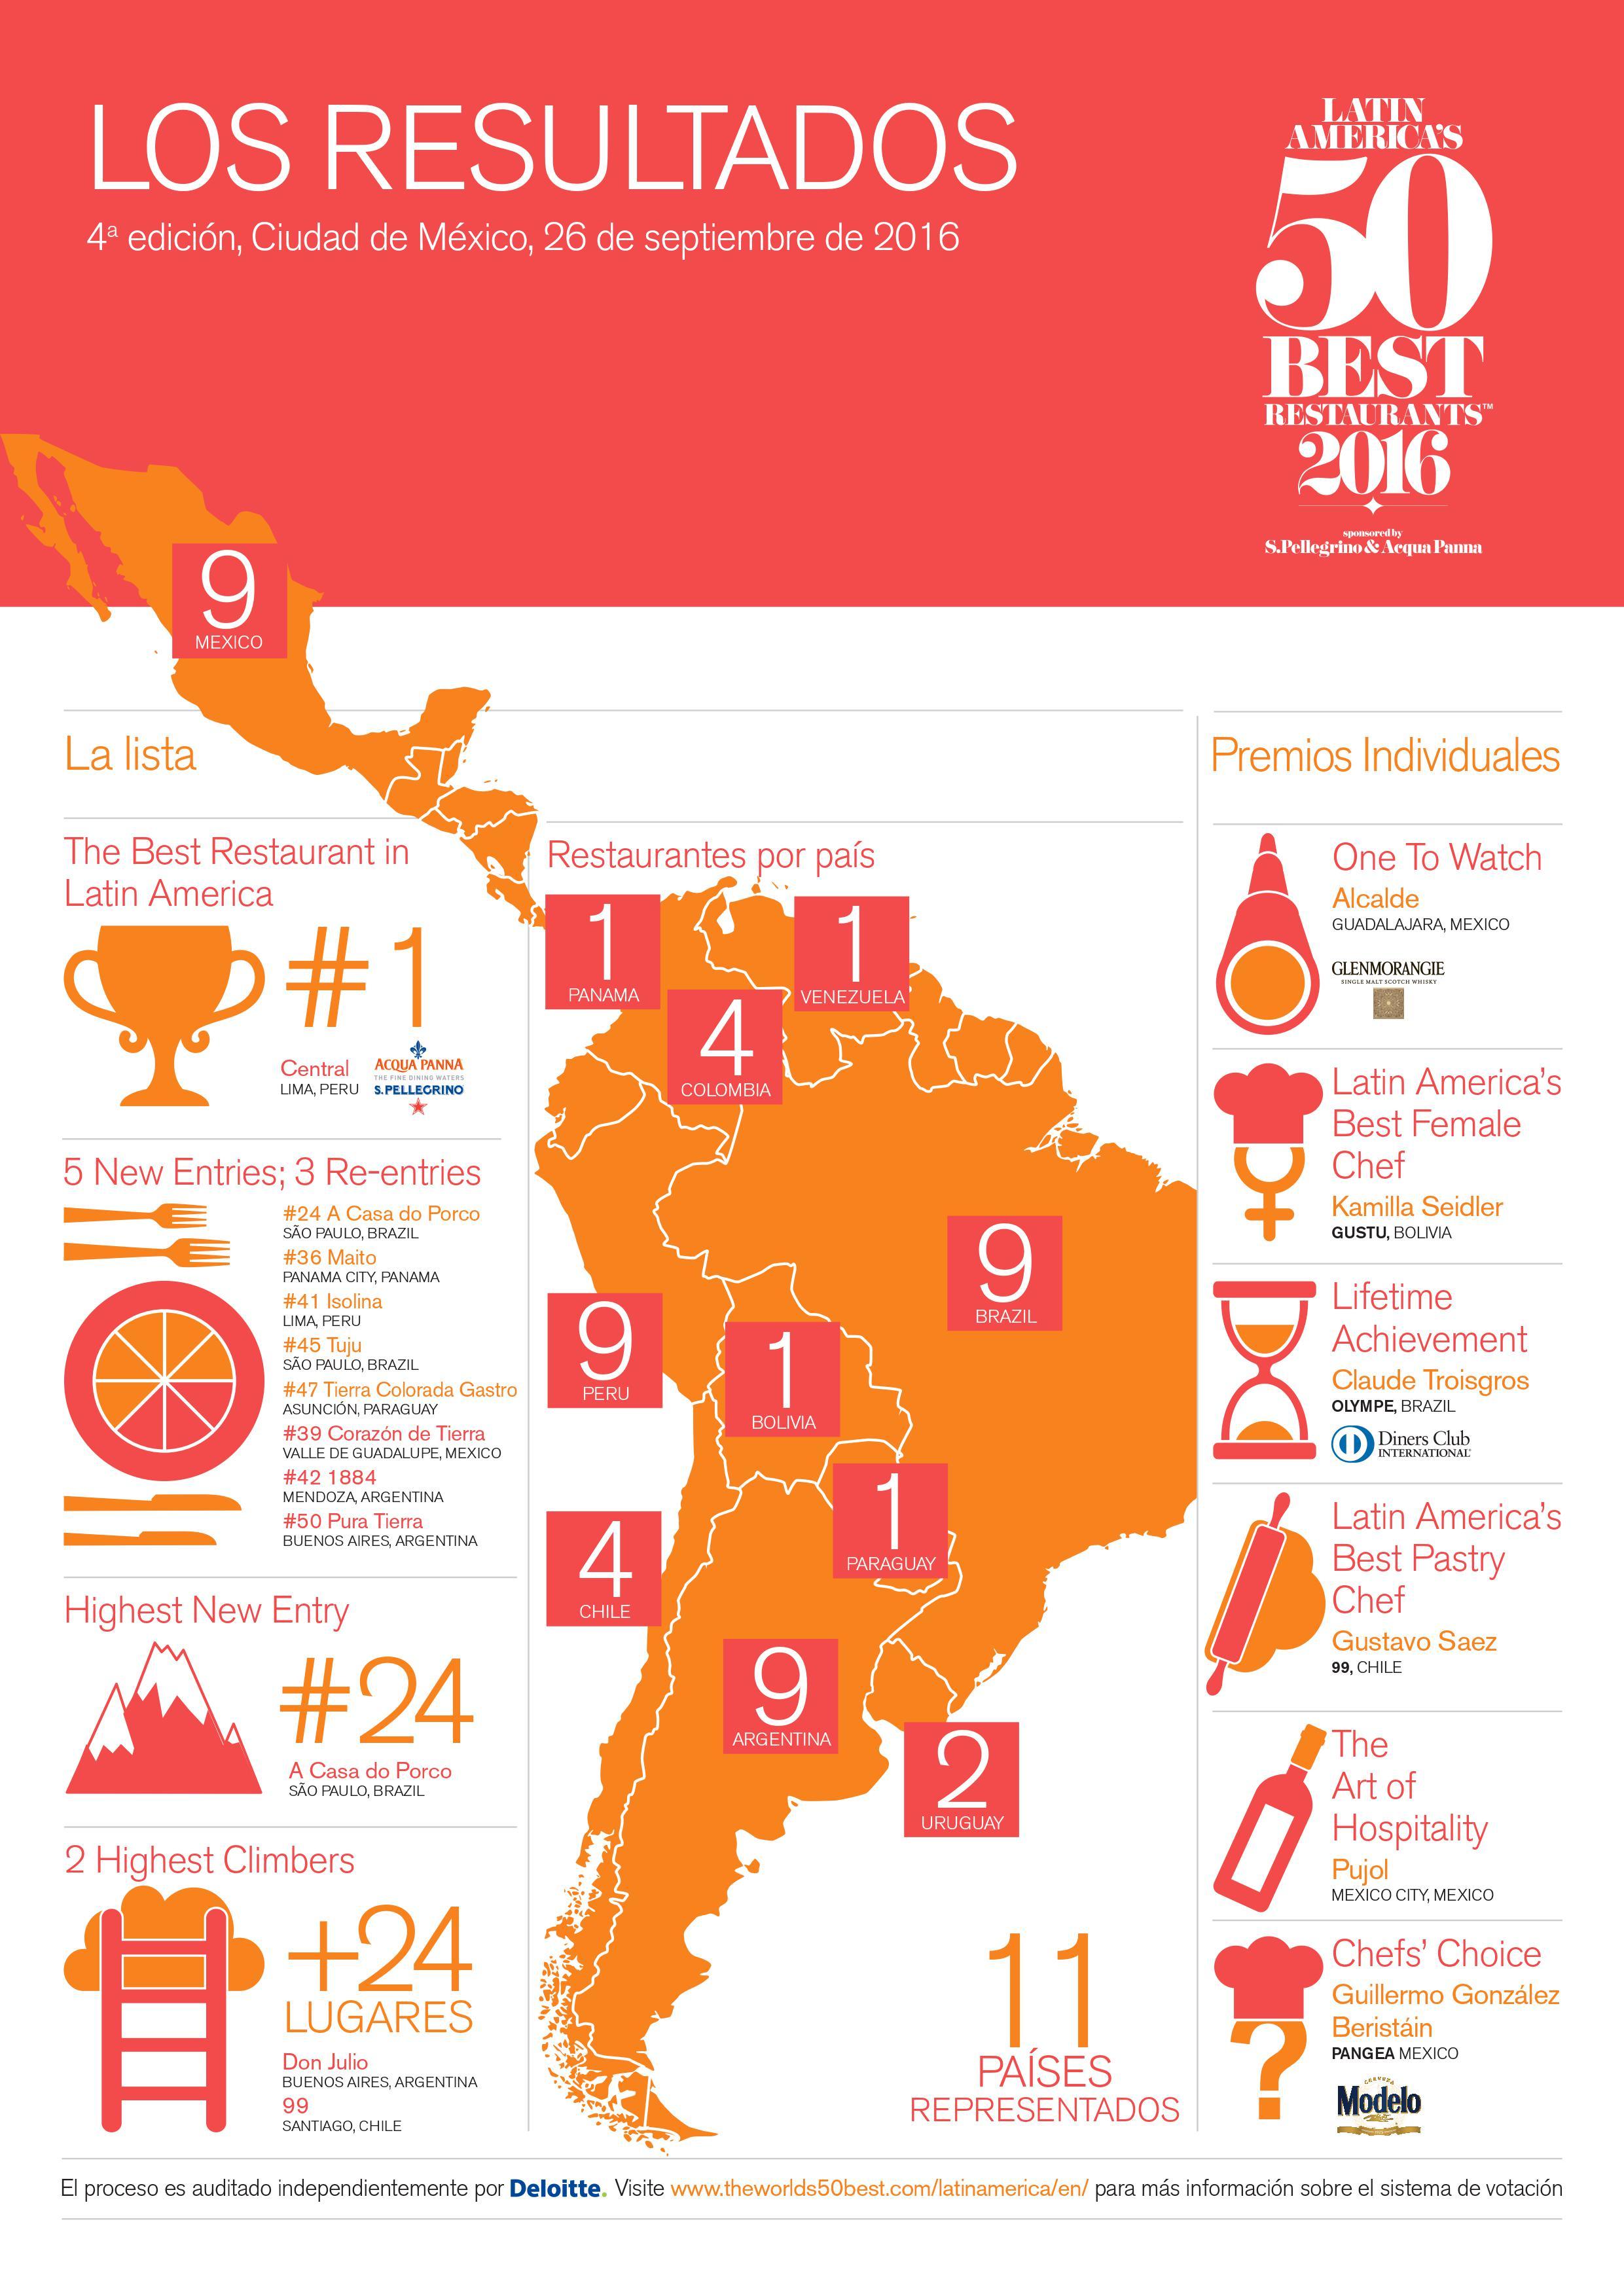 Melhores restaurantes da América Latina - Melhores restaurantes da América Latina